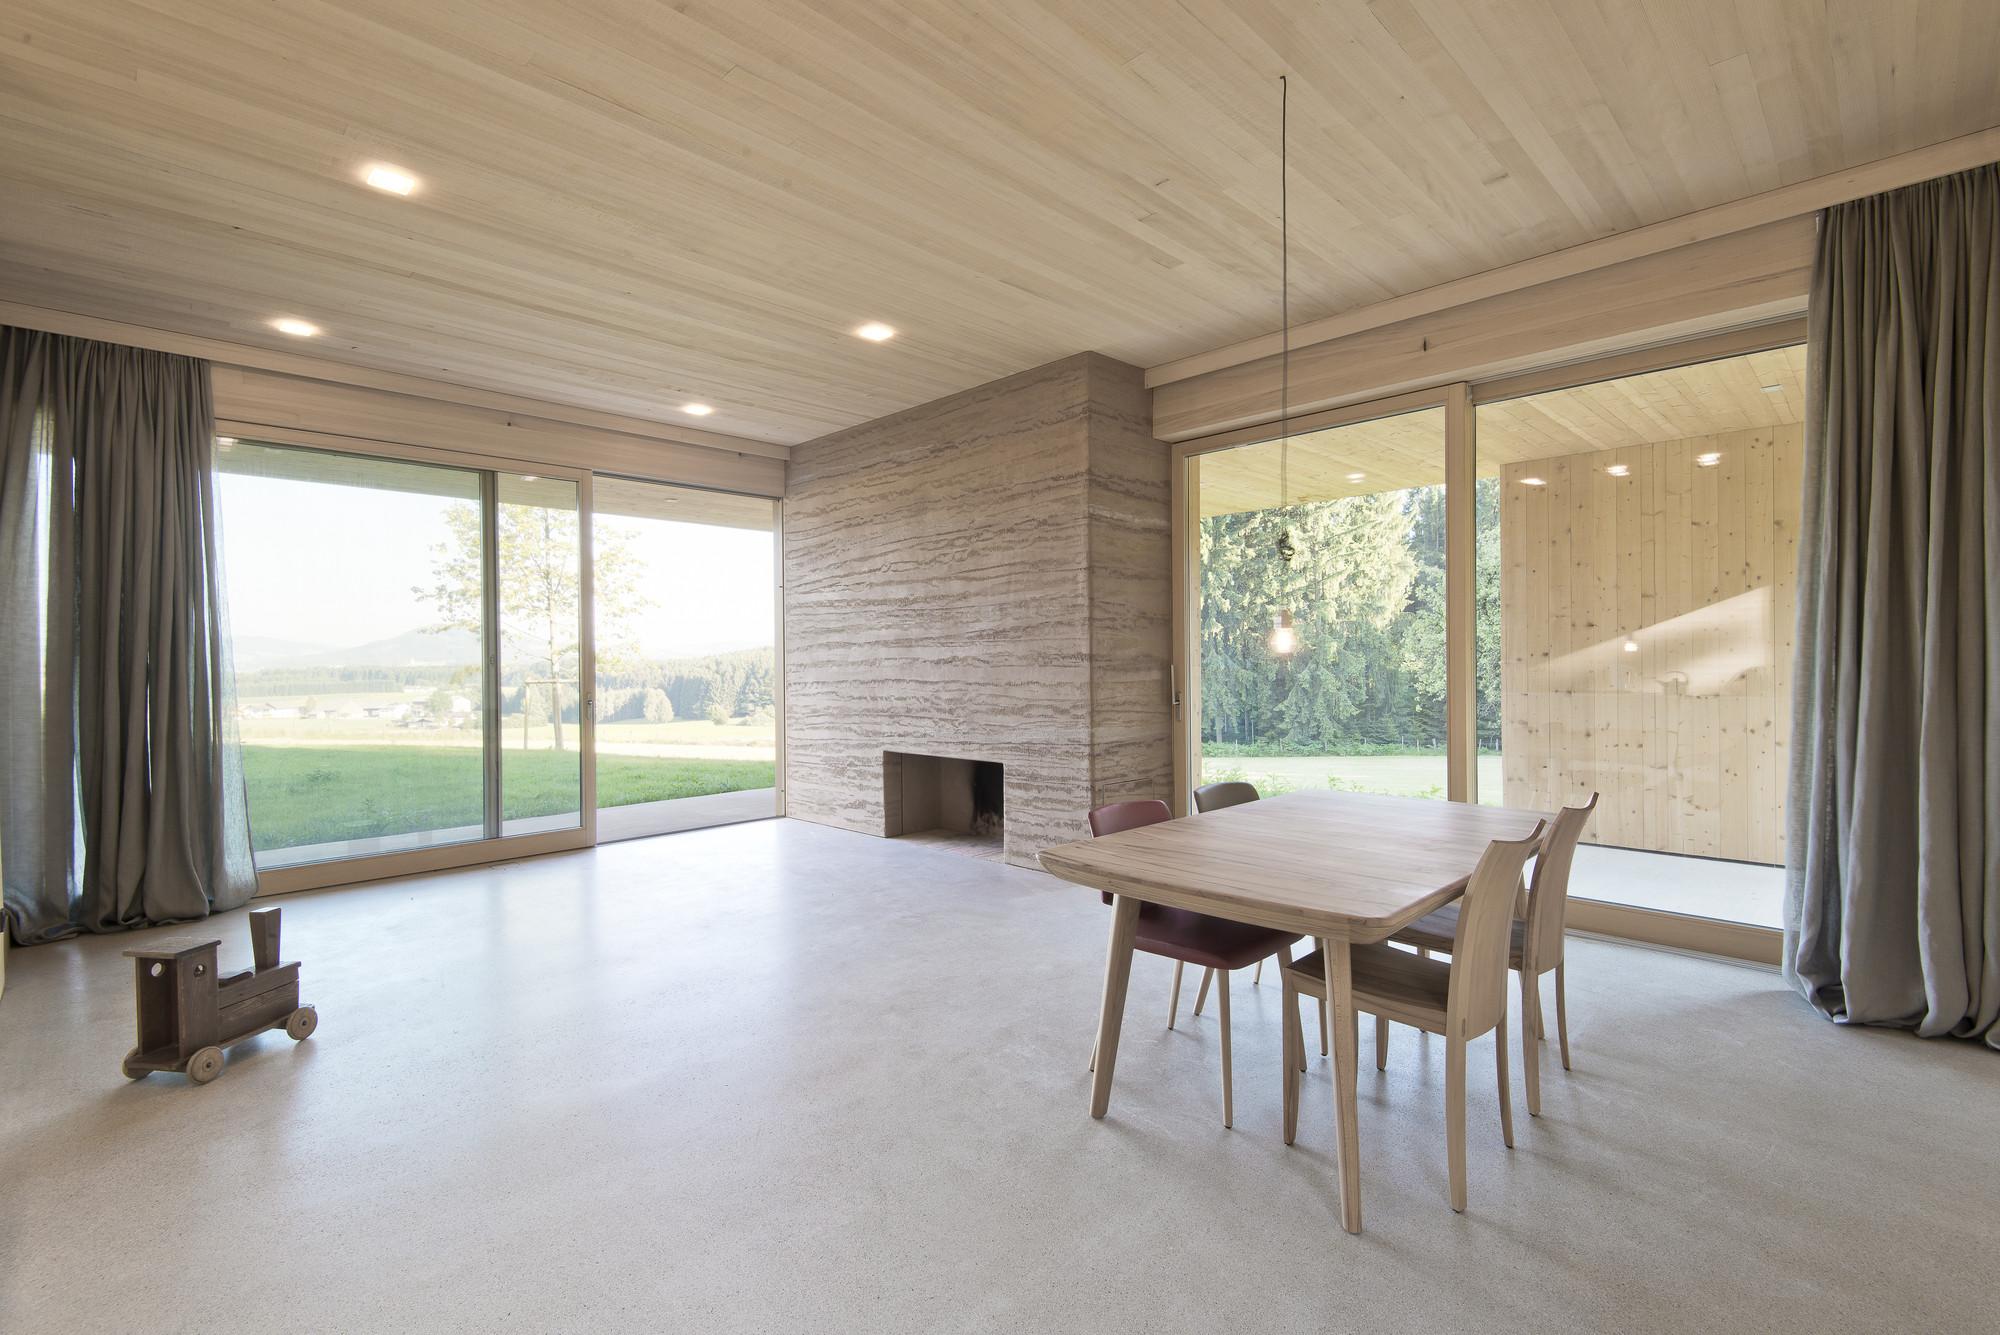 gallery of d residence lp architektur 8. Black Bedroom Furniture Sets. Home Design Ideas